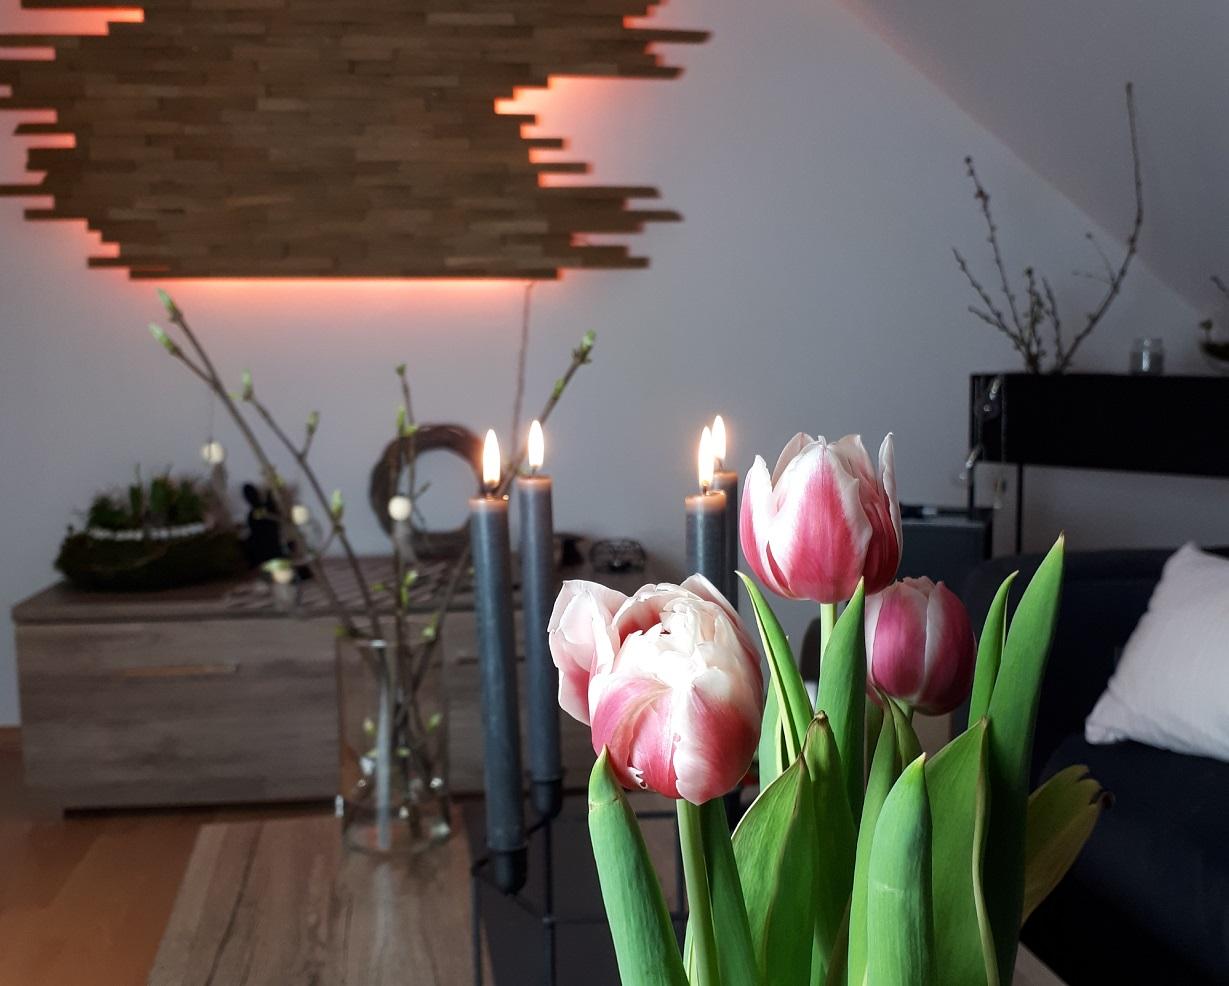 Farbenfrohe Pflanzen dürfen in Lisa's Zuhause nicht fehlen.